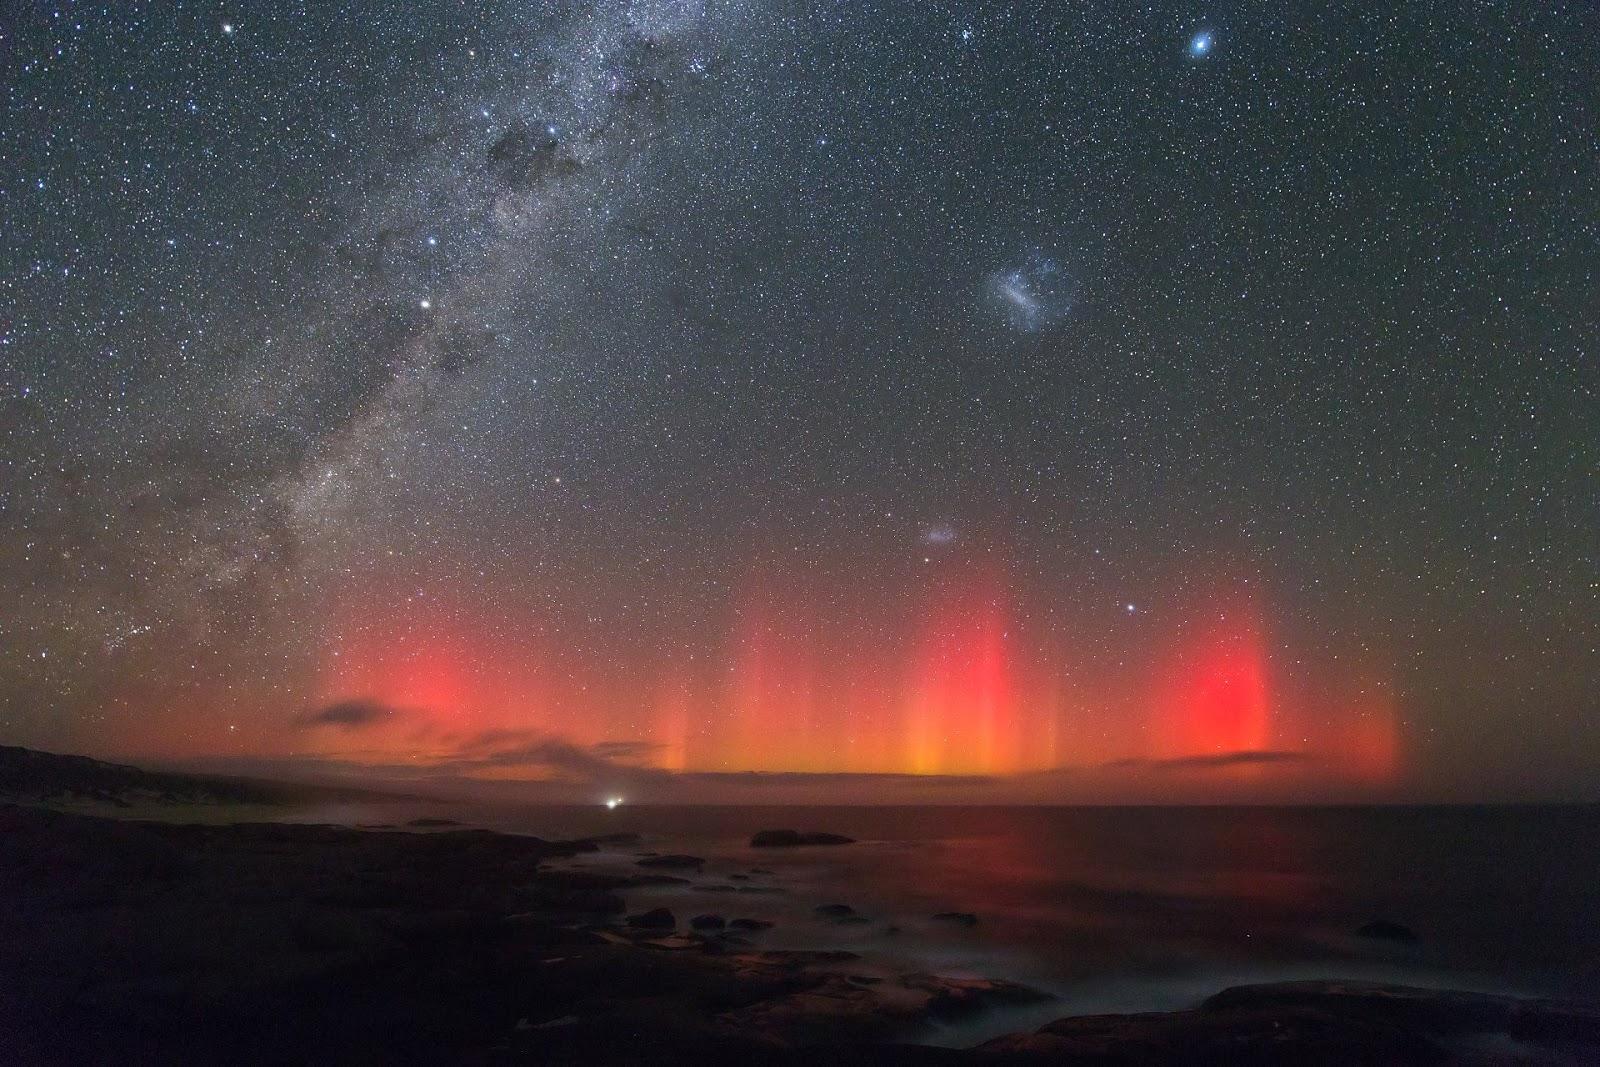 aurora very dark red - photo #21